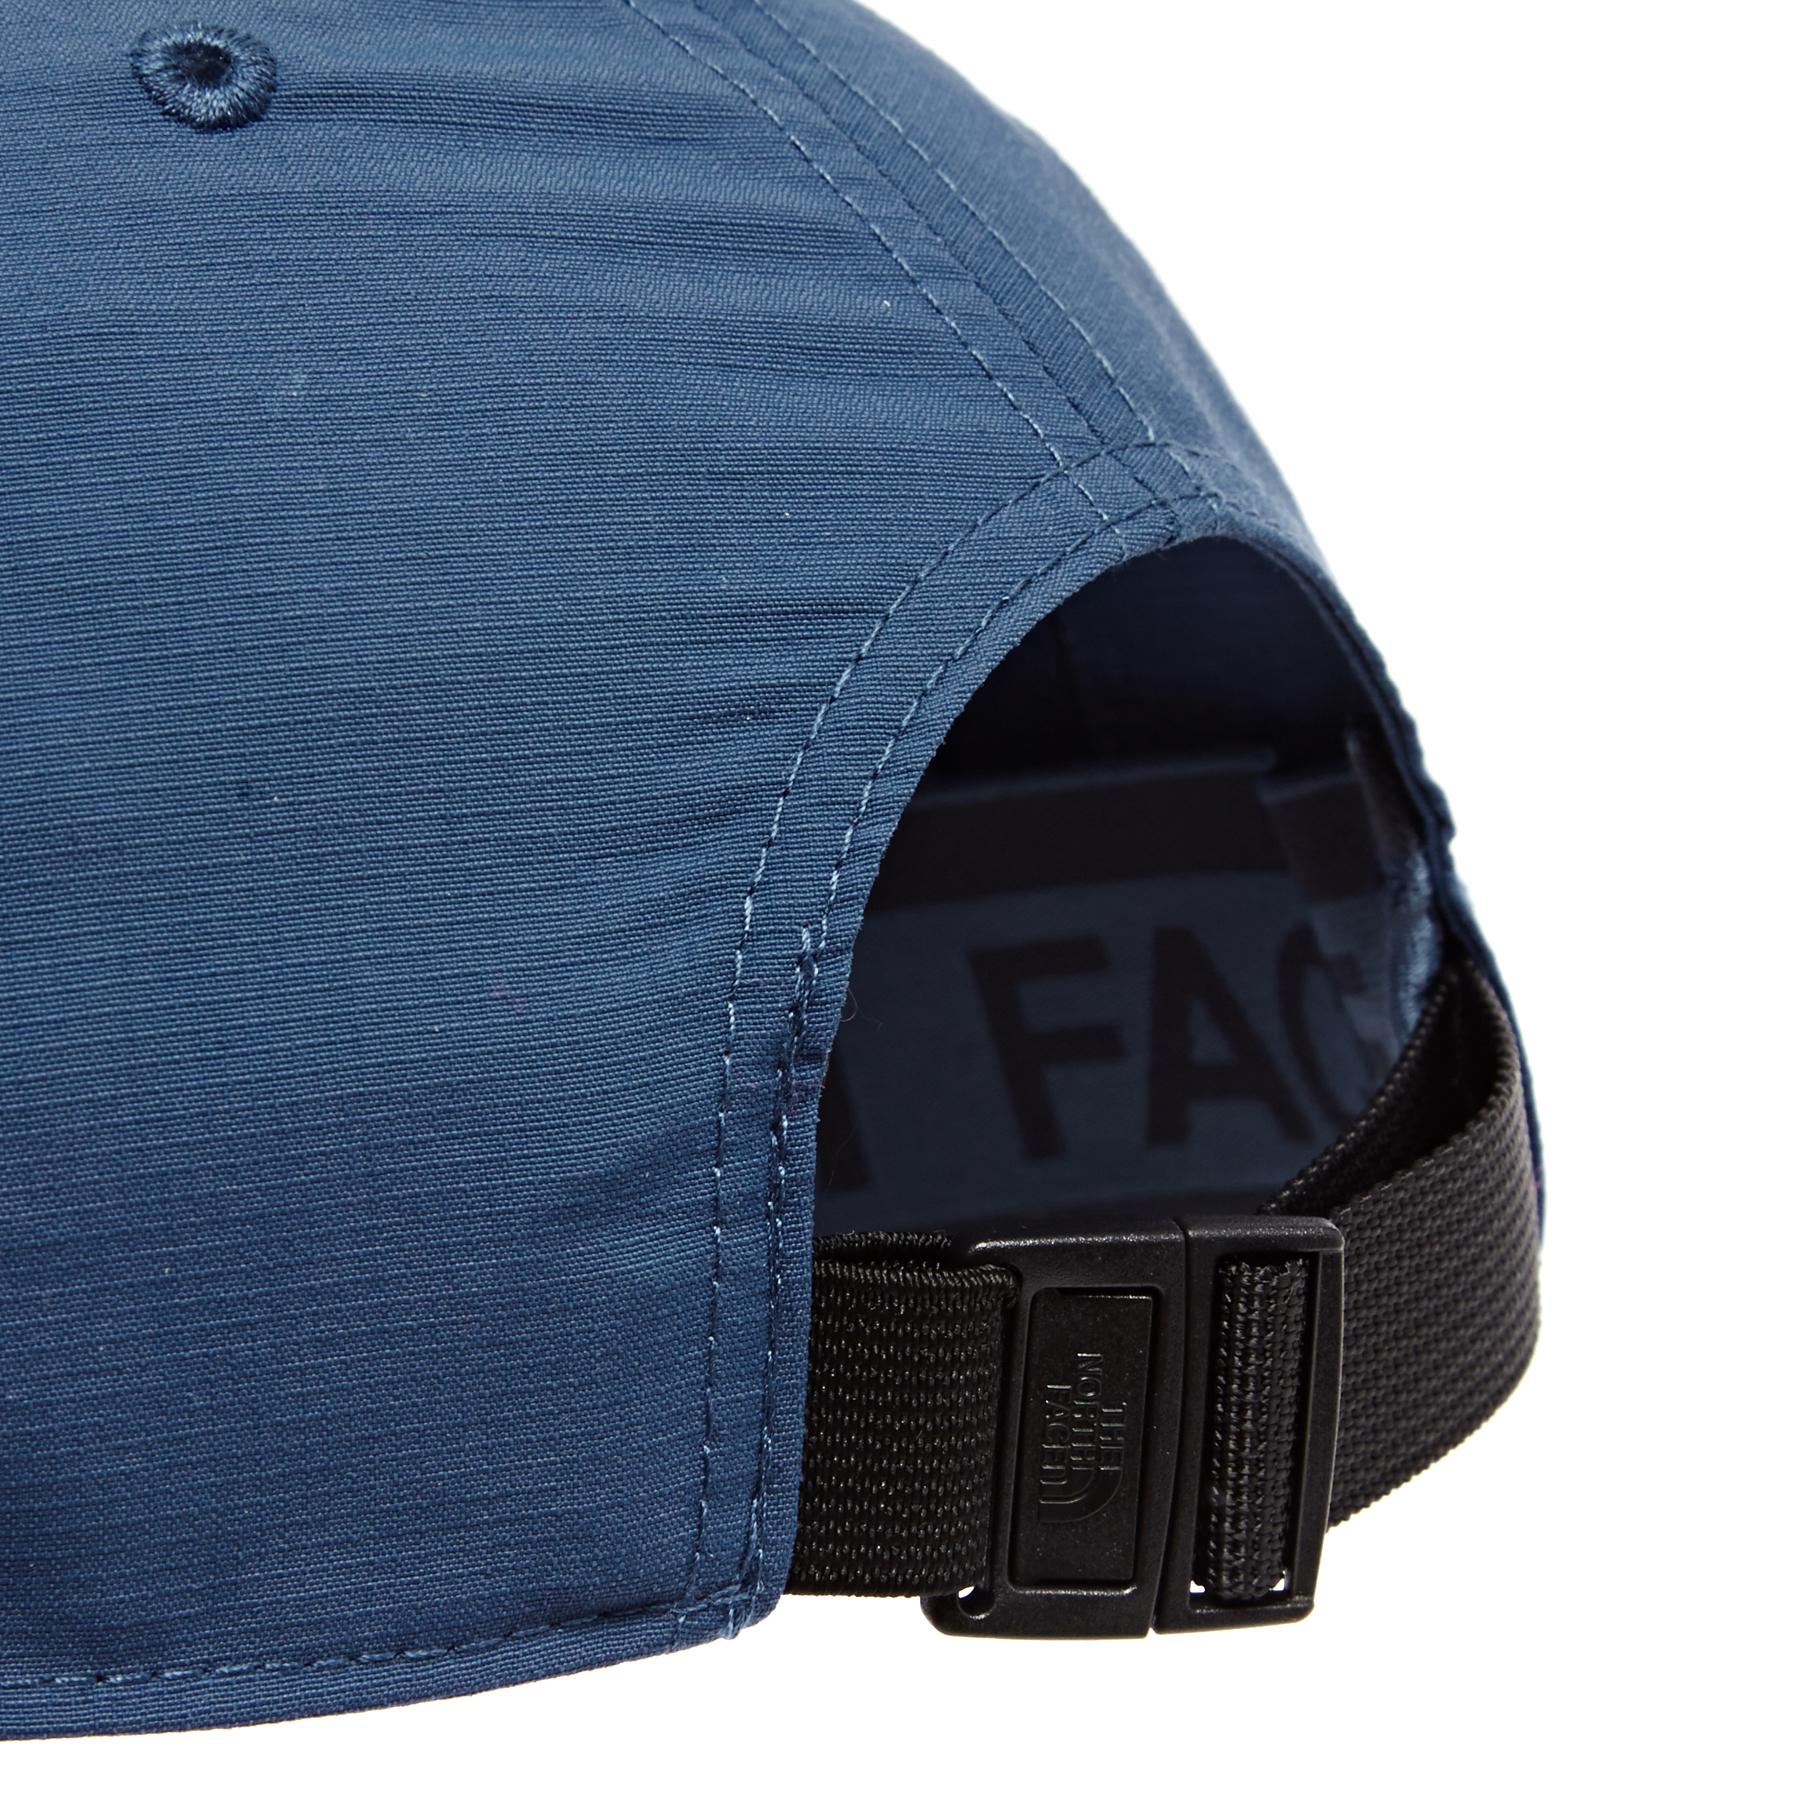 Fancii Mini Humidificador Port/átil Personal de Vapor Fr/ío Viaje Amigable para Usar con Botellas de Agua Dispositivo para Aumentar el Nivel de Humedad con Niebla Fr/ía Funciona por USB o a Pilas